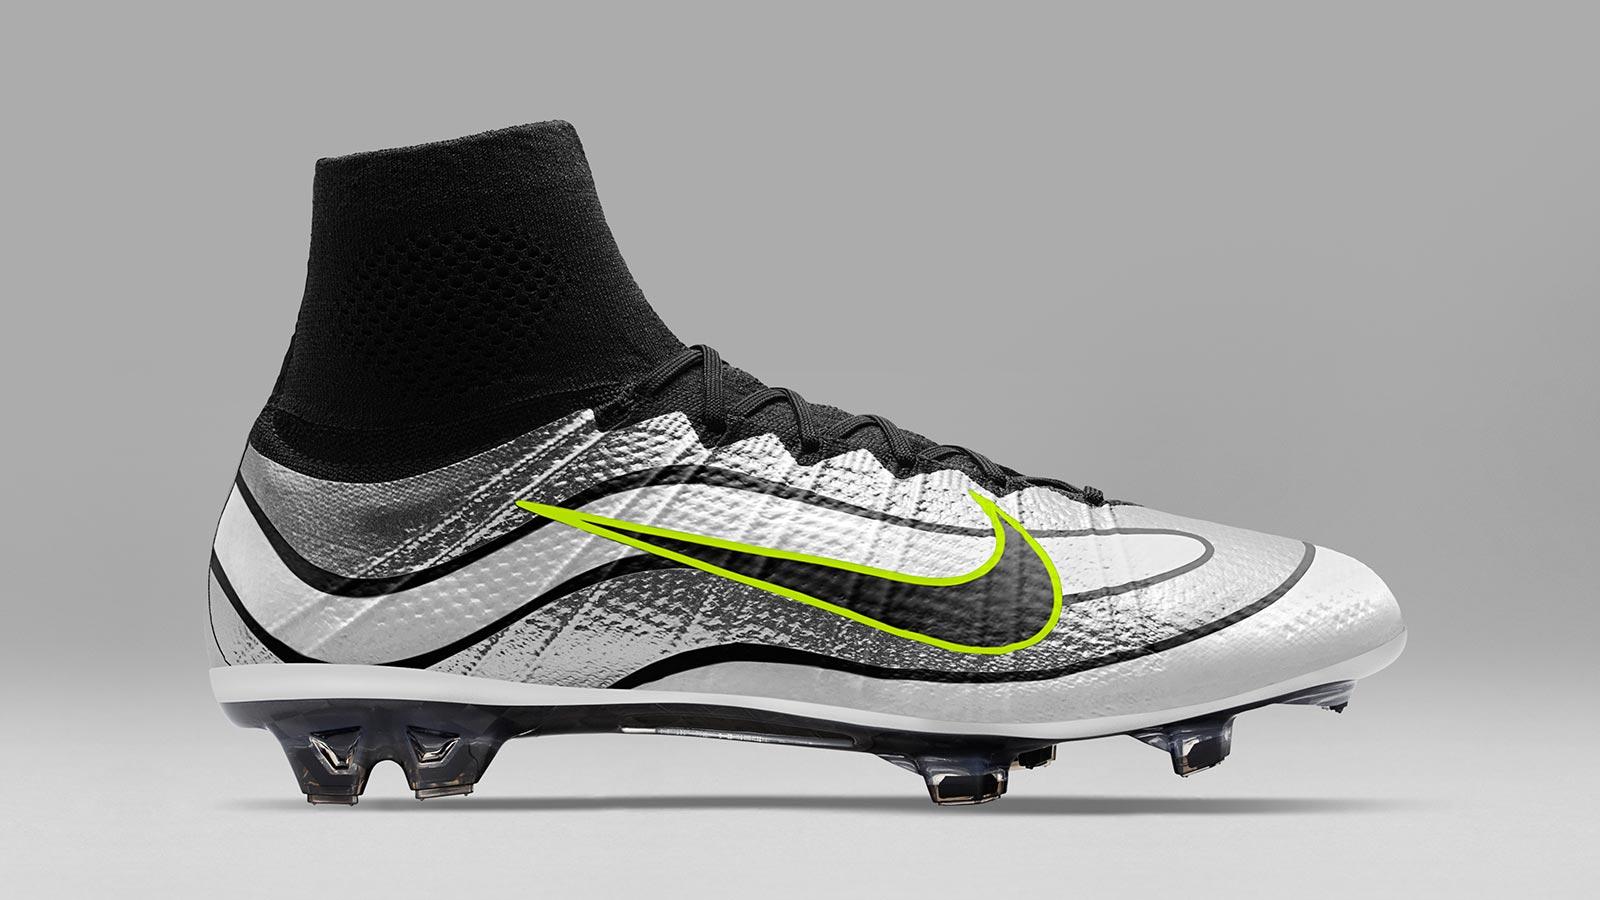 Nike Mercurial Superfly Heritage iD Revealed - Footy Headlines